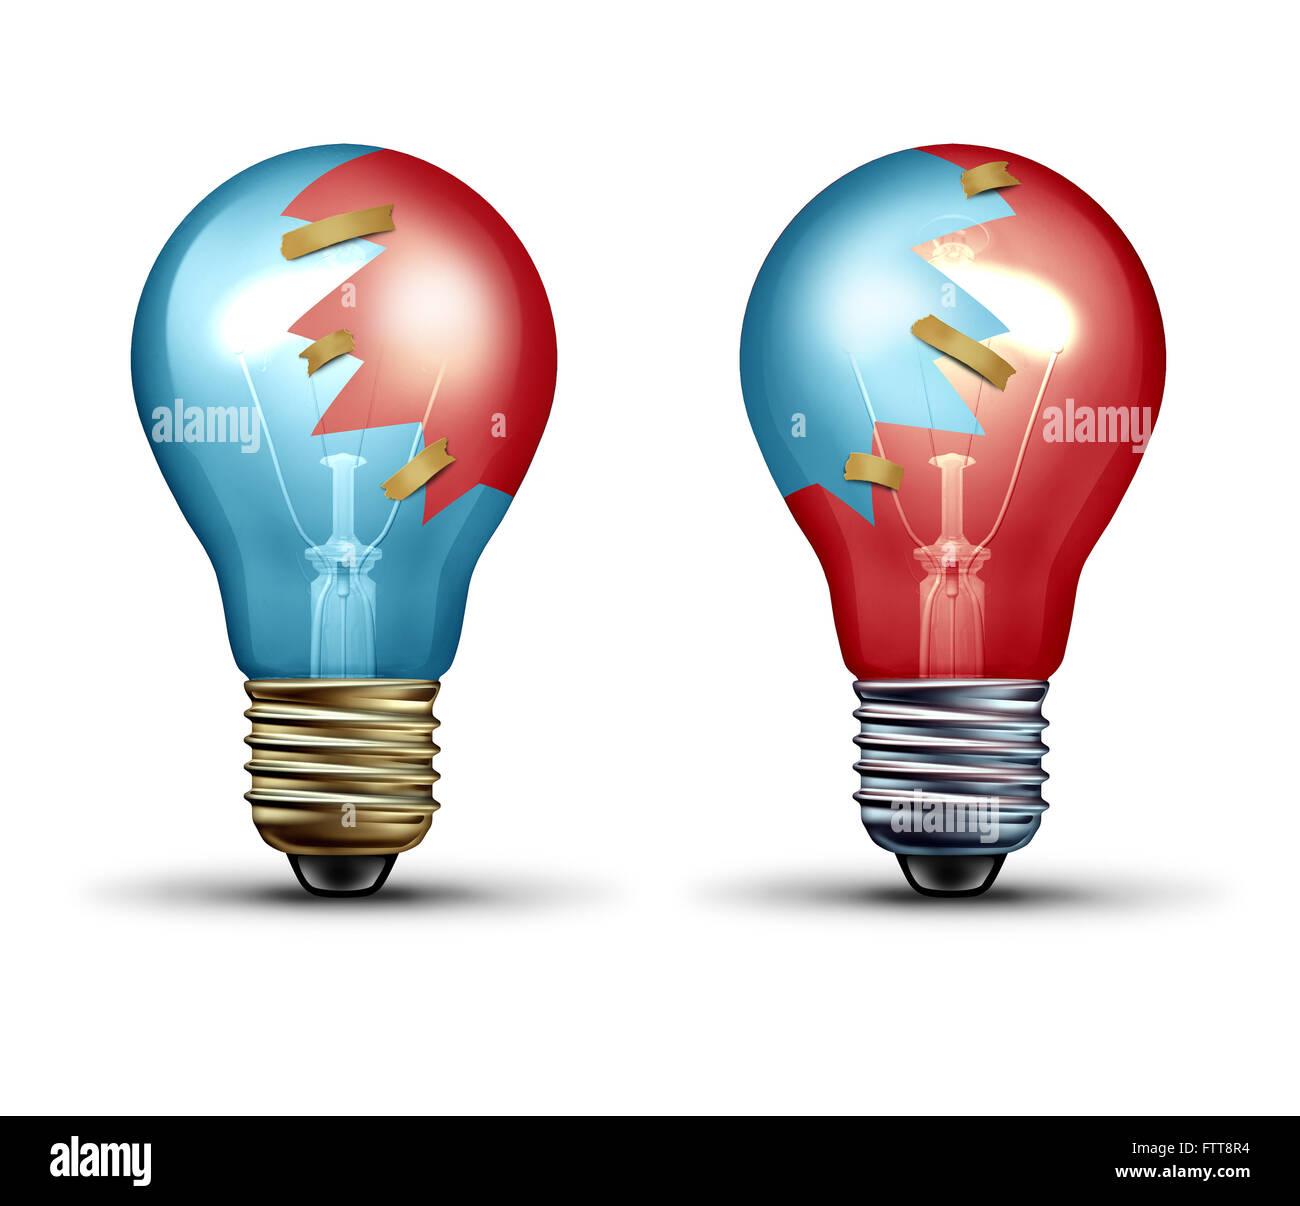 Idea del concetto di commercio come due lampadine o lampadina icone condivisa con pezzi di vetro come un lavoro Immagini Stock